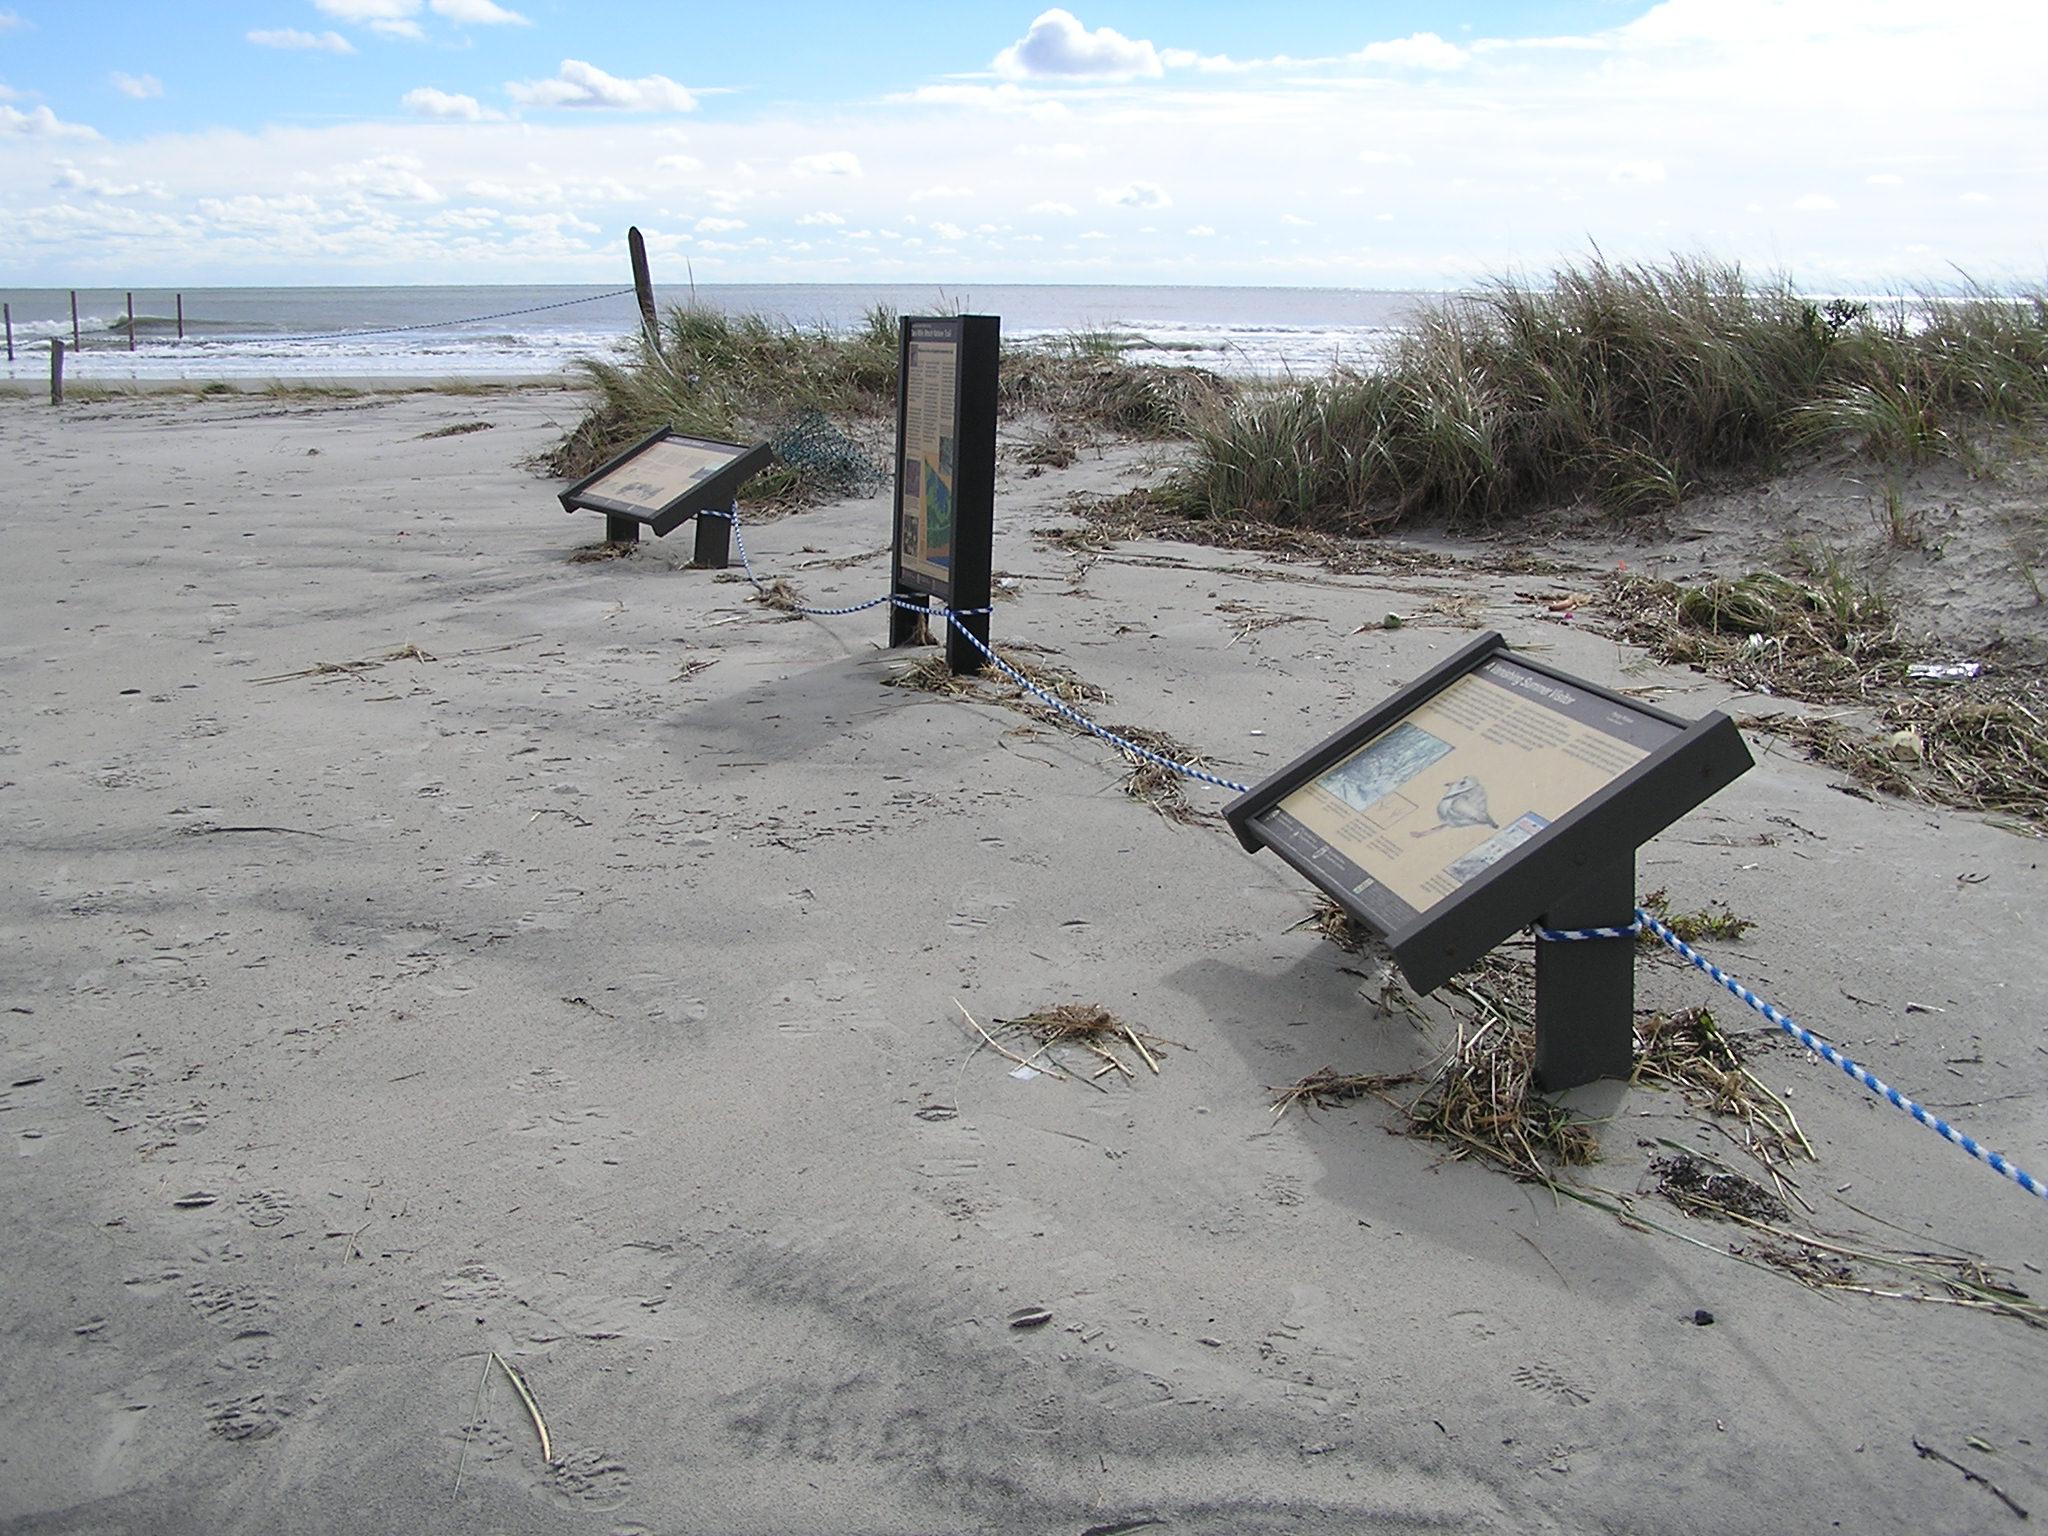 Hurricane Sandy damaged Cape May National Wildlife Refuge